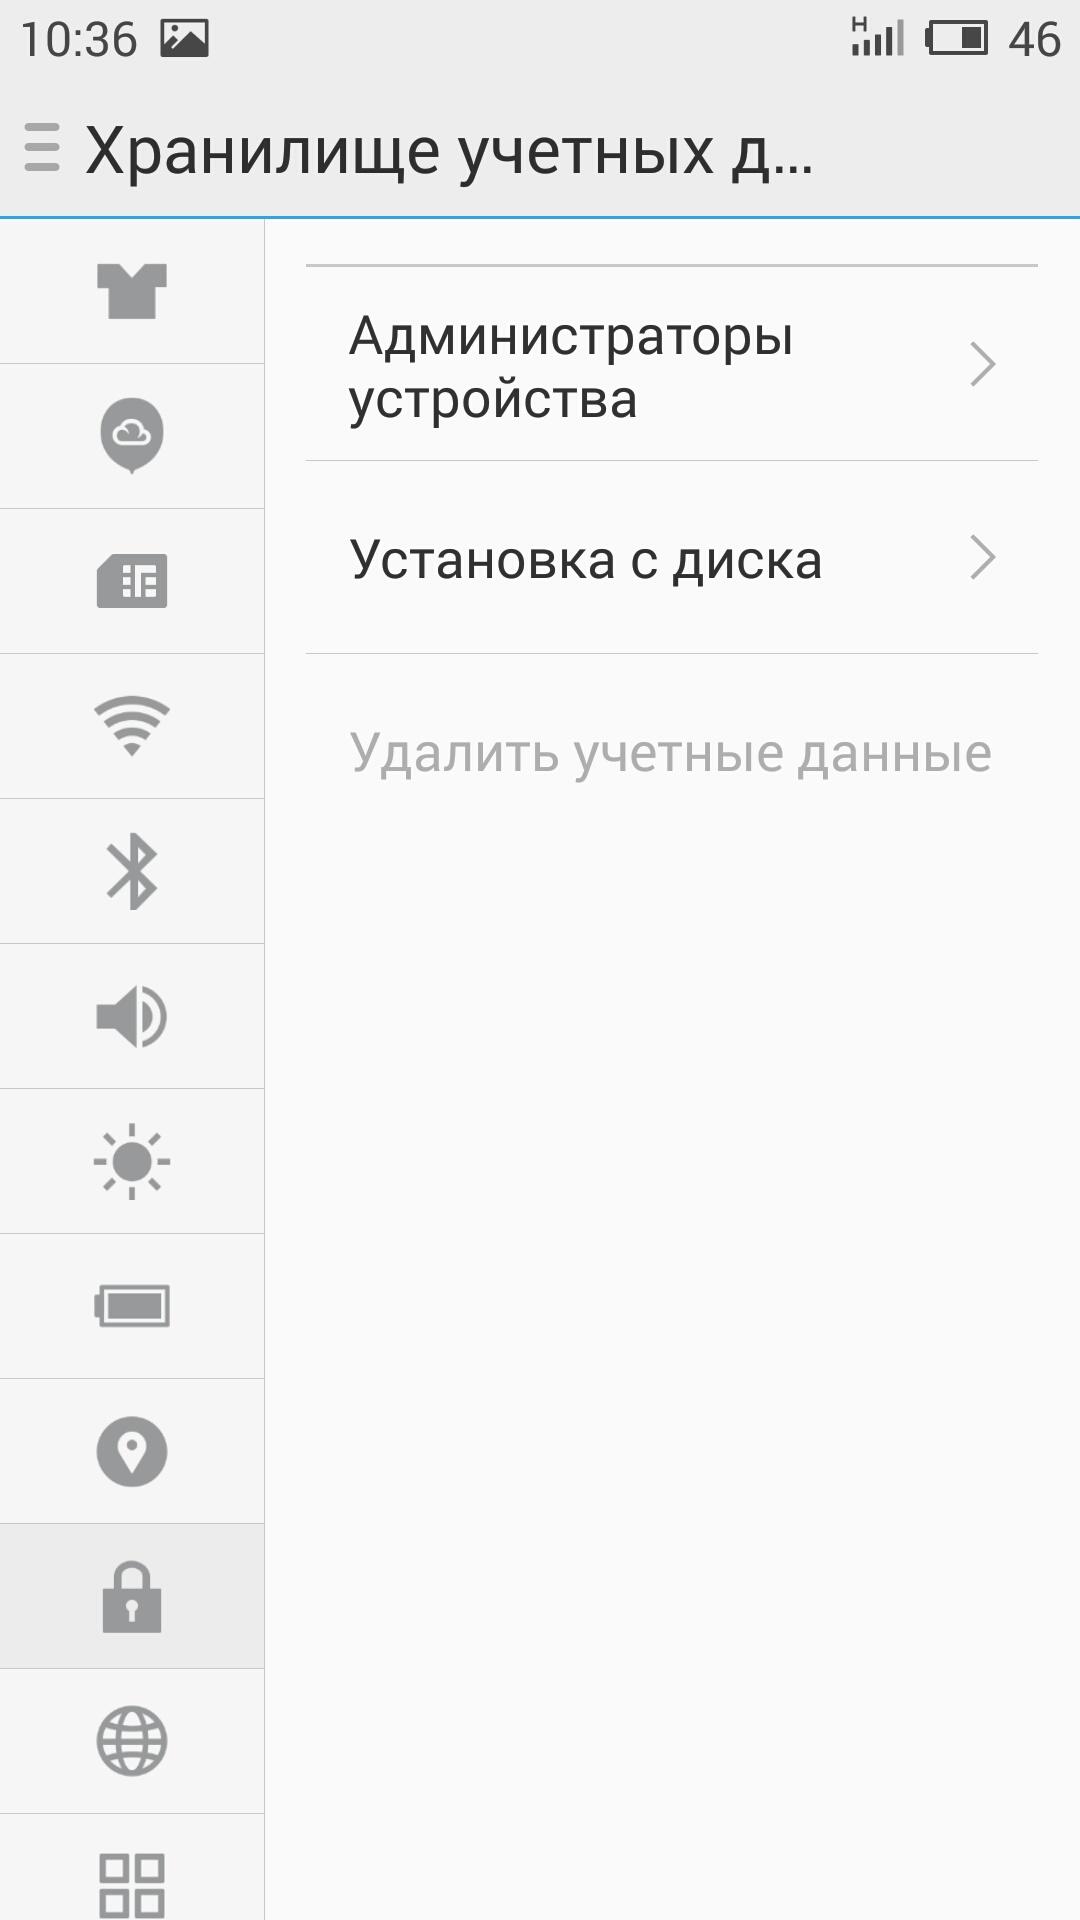 «Администраторы устройства»